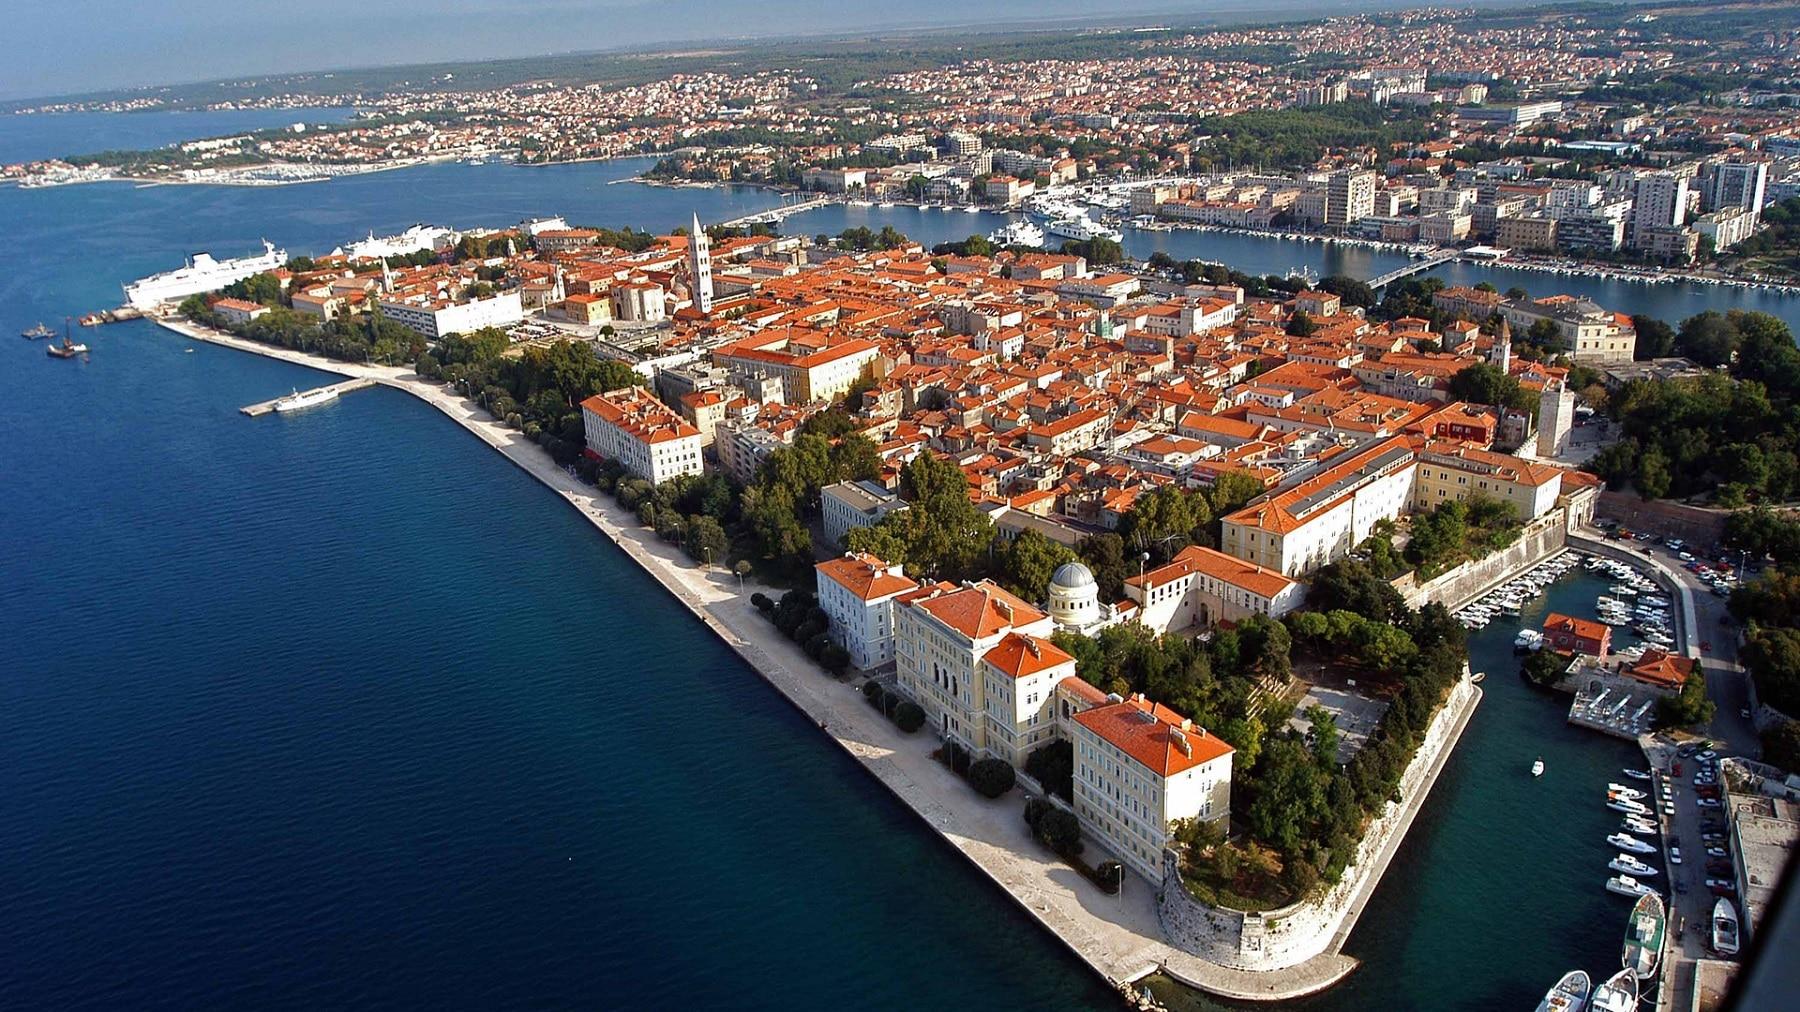 Panoramă asupra orașului Zadar, Croația